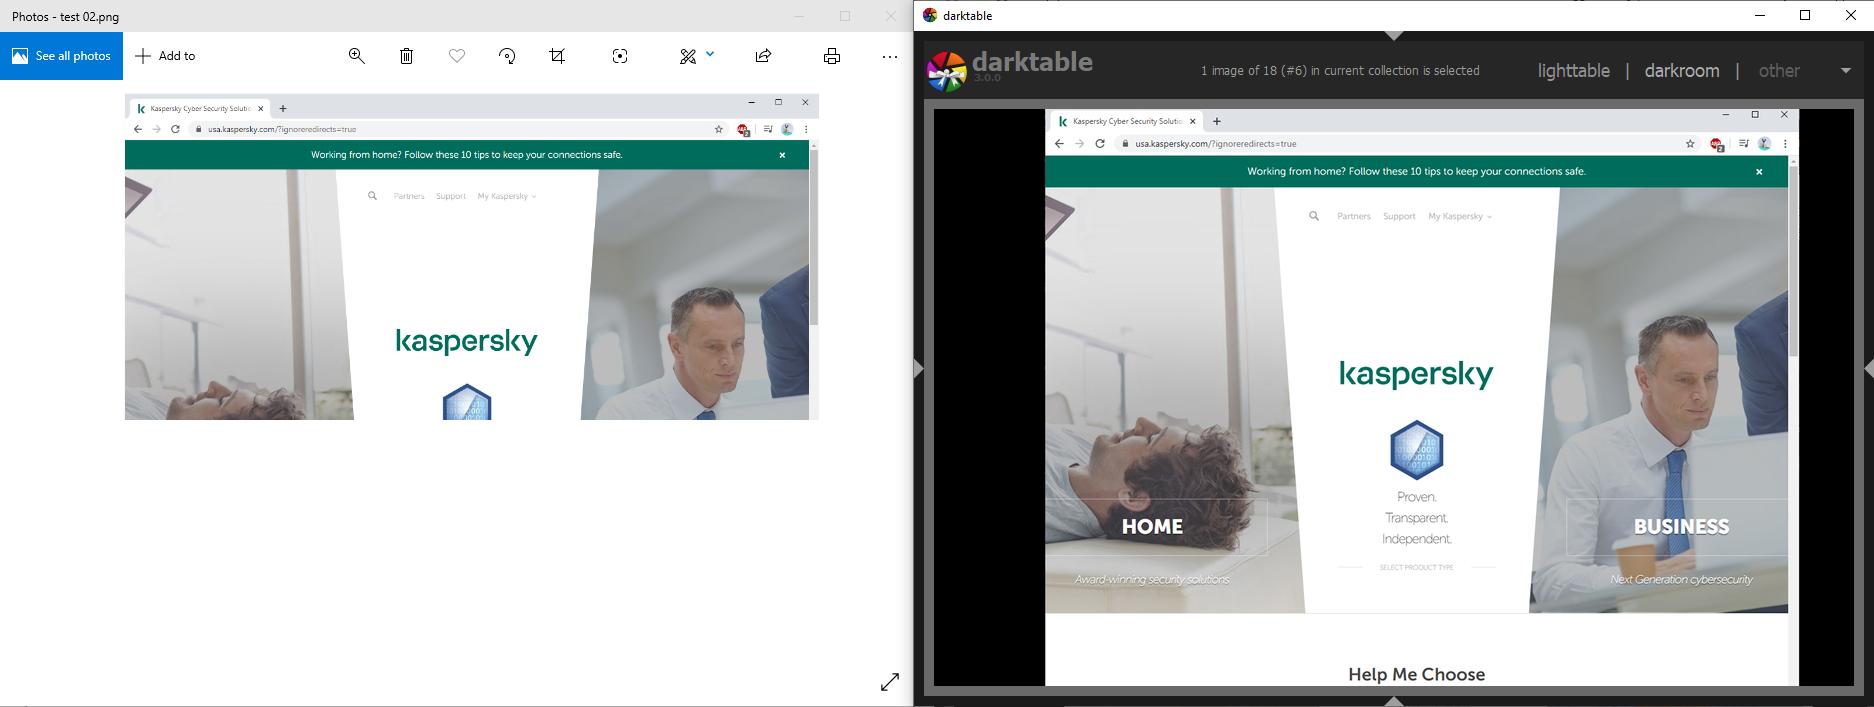 A mesma imagem aberta em diferentes programas. A parte inferior da imagem estava em uma camada escondida que se torna visível pelo darktable